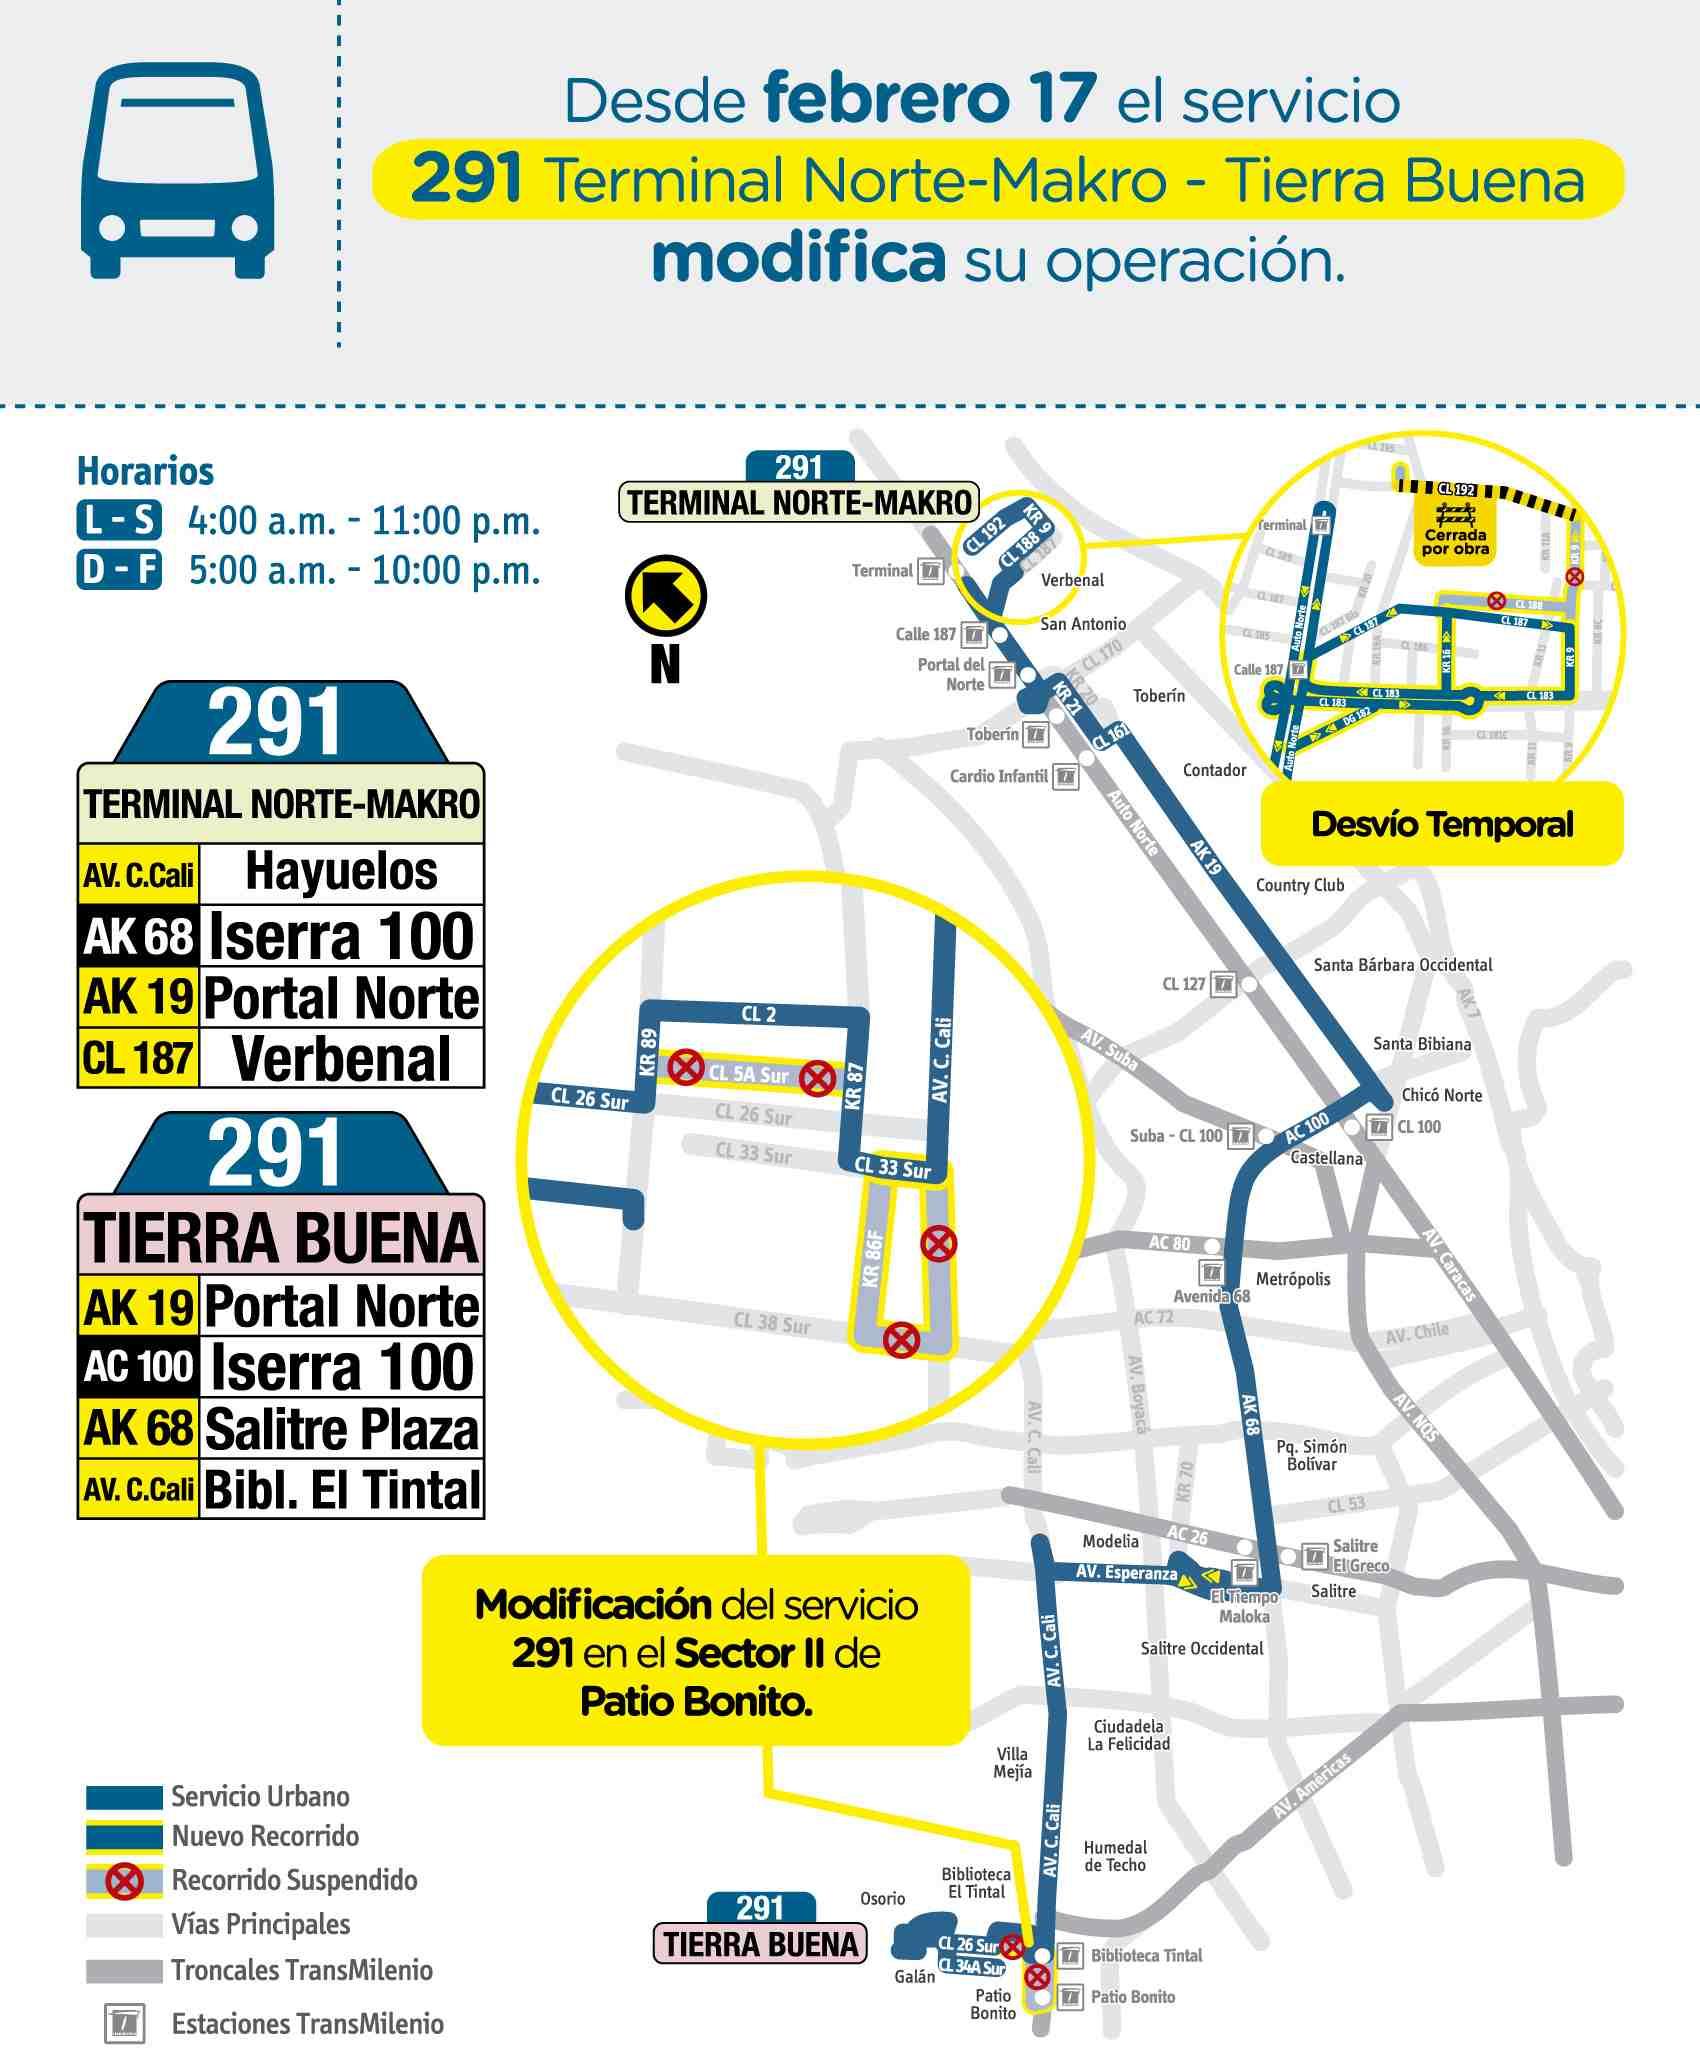 Mapa ruta 291 Terminal Norte, Makro - Tierra Buena